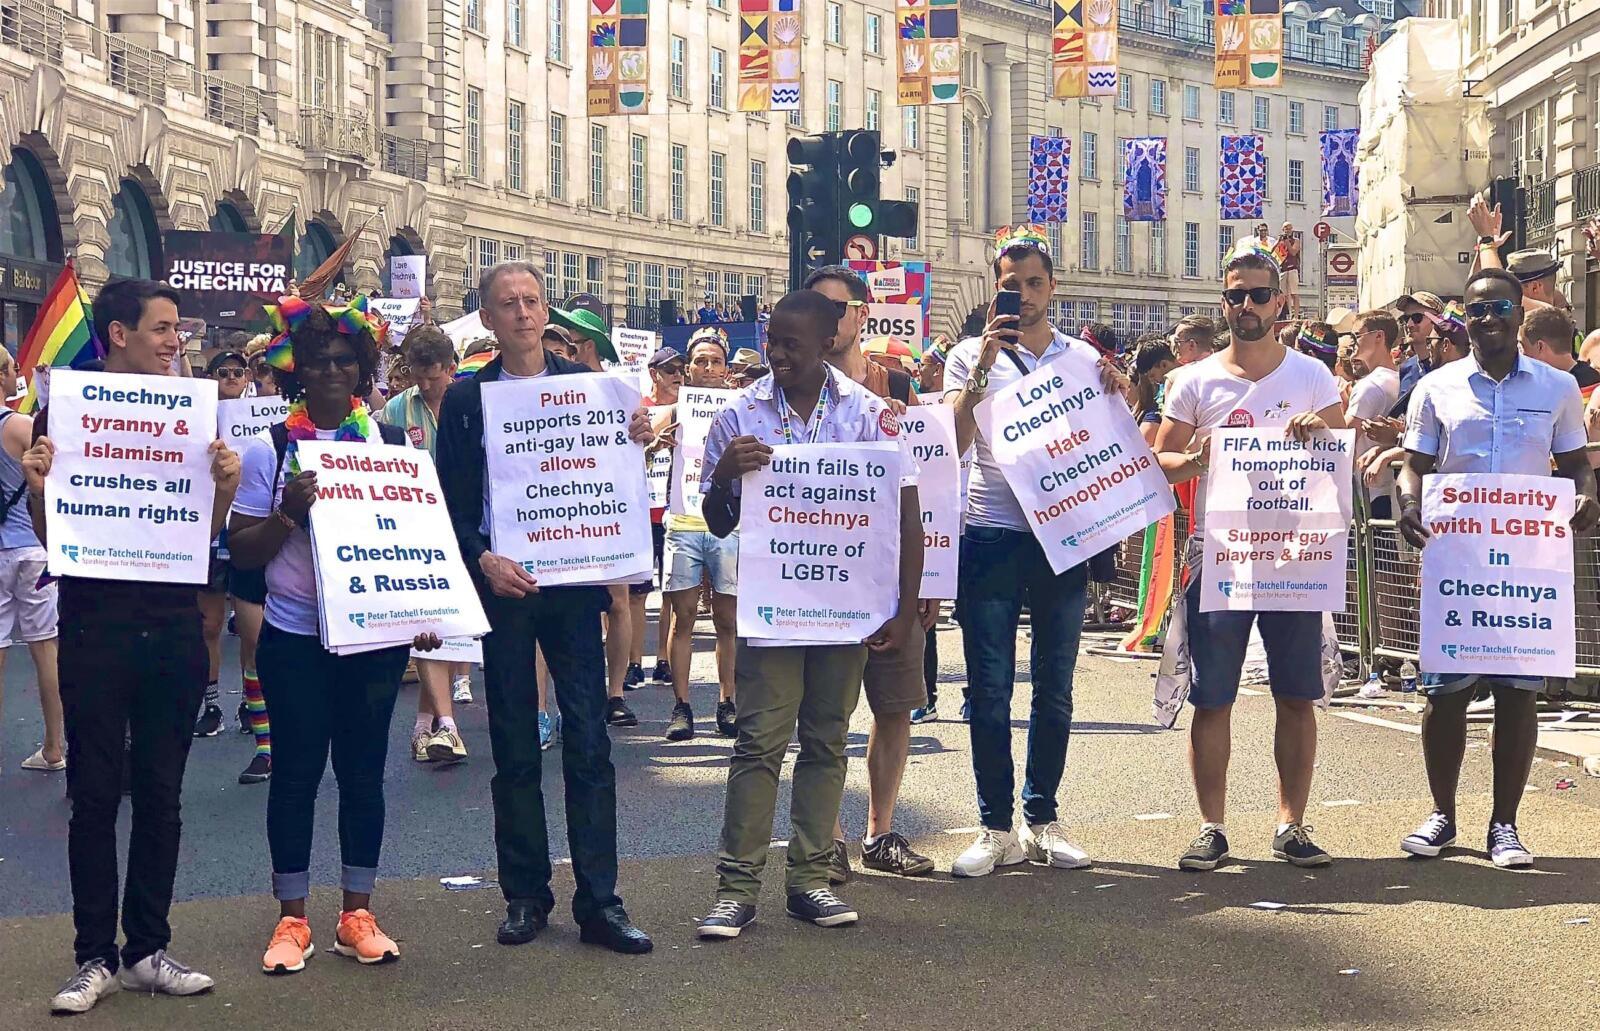 London gay pride parade protest